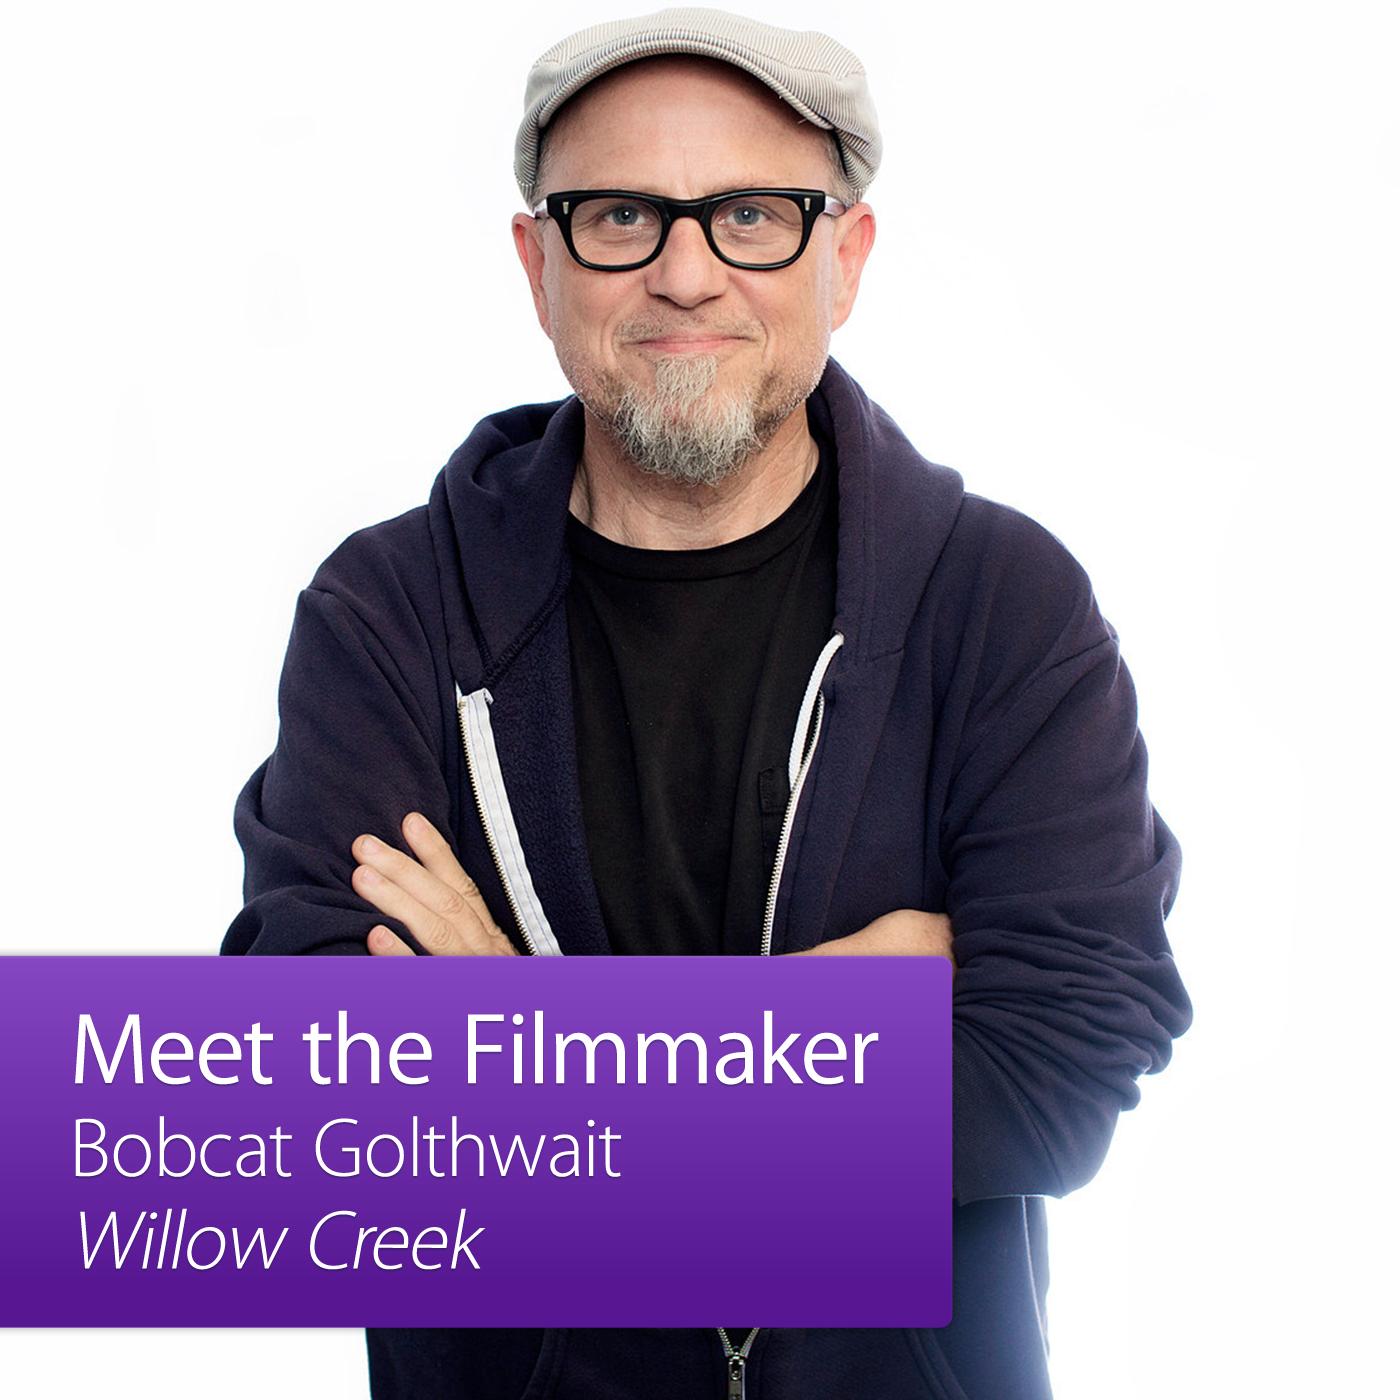 Bobcat Goldthwait: Meet the Filmmaker